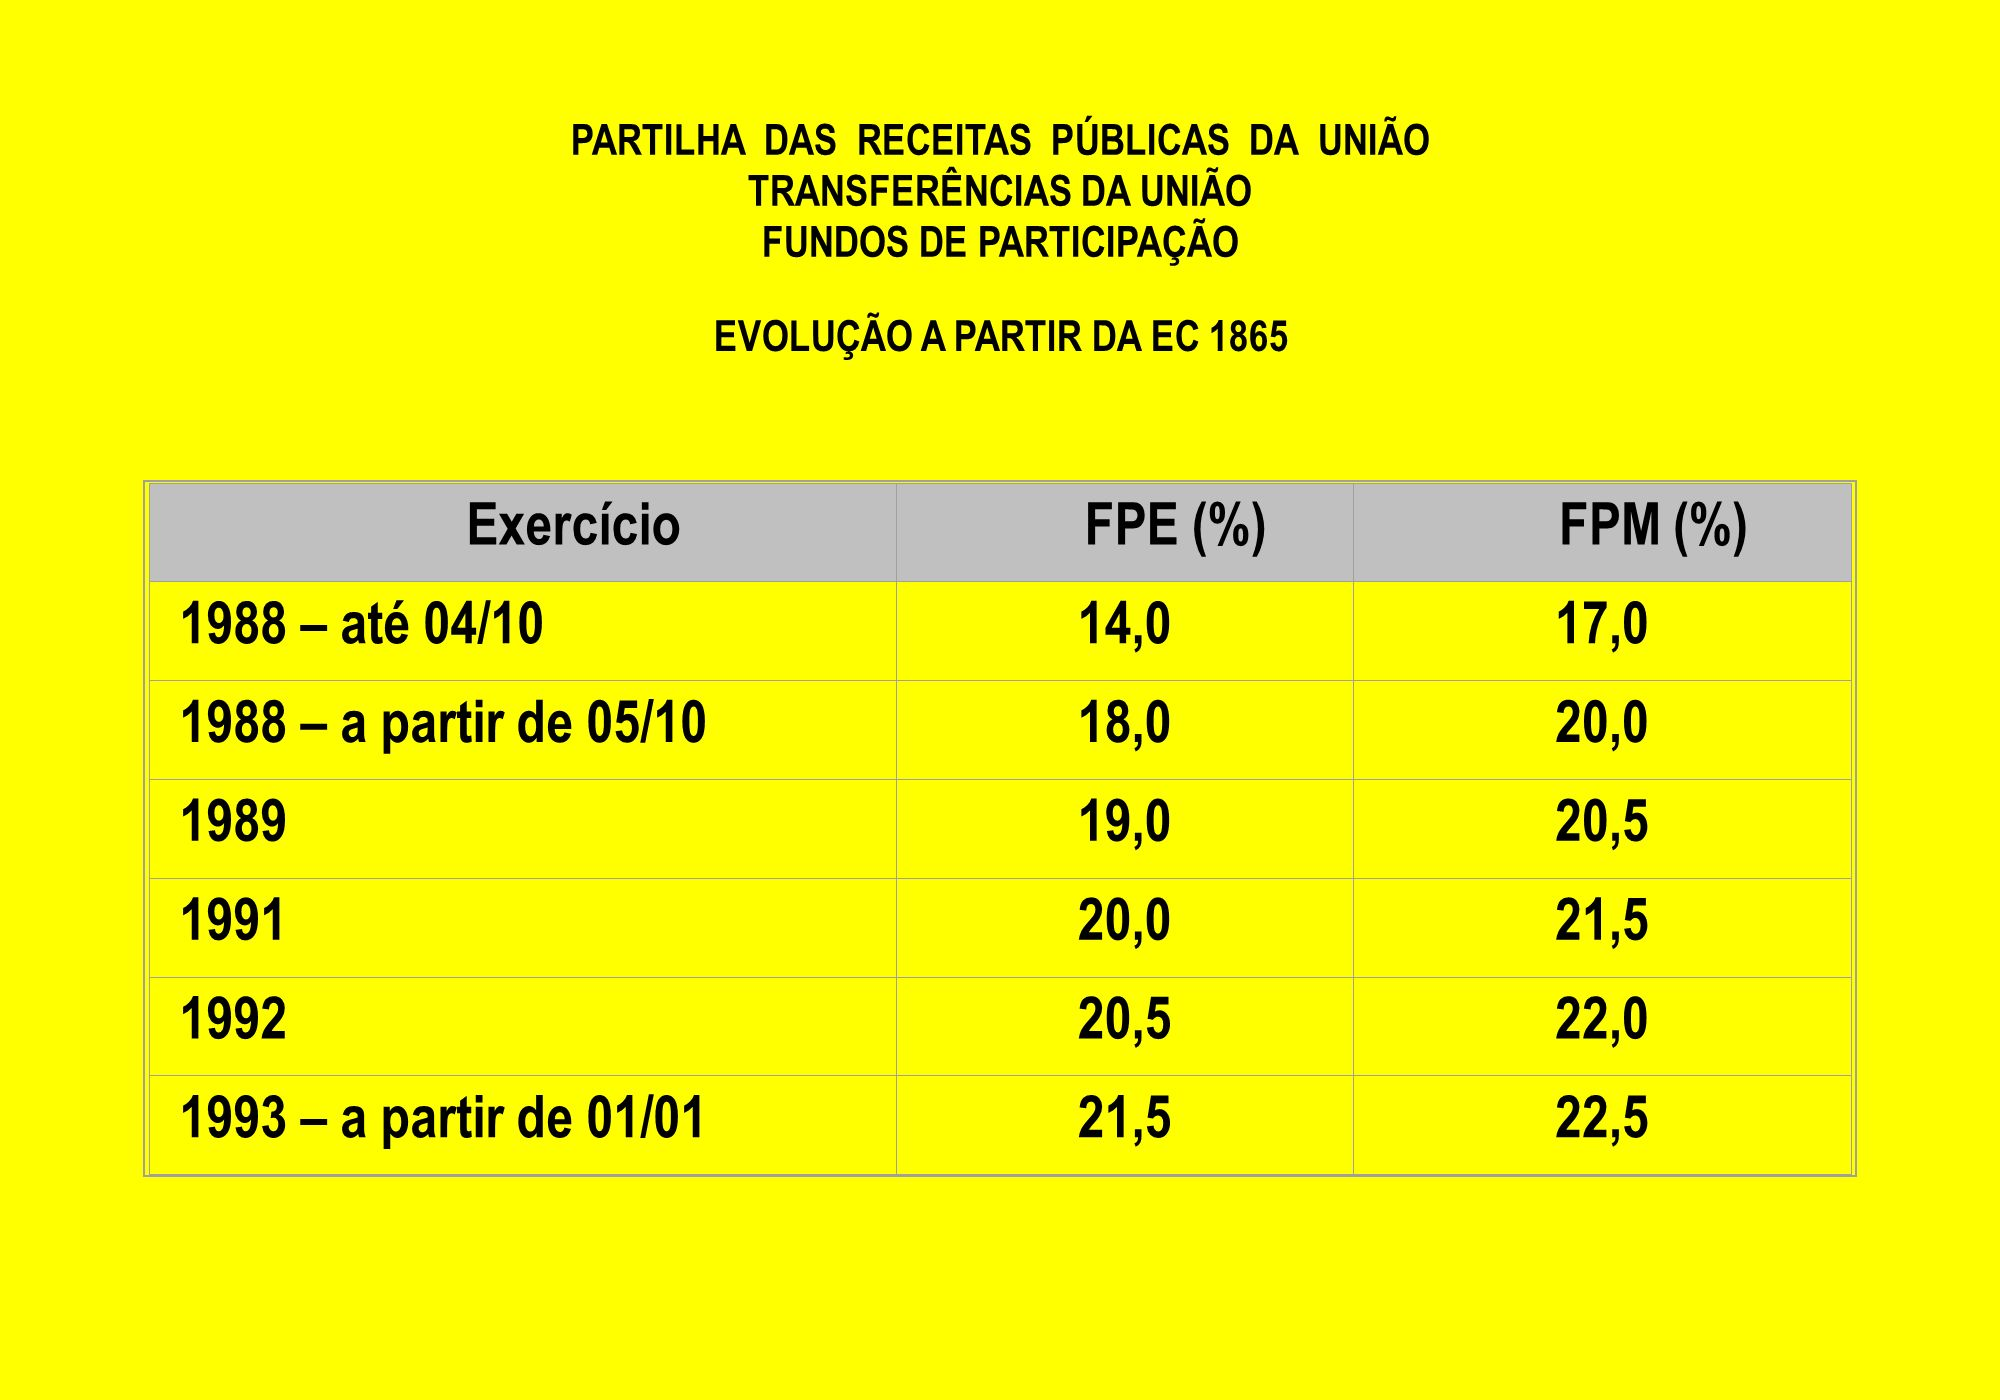 Exercício FPE (%) FPM (%) 1988 – até 04/10 14,0 17,0